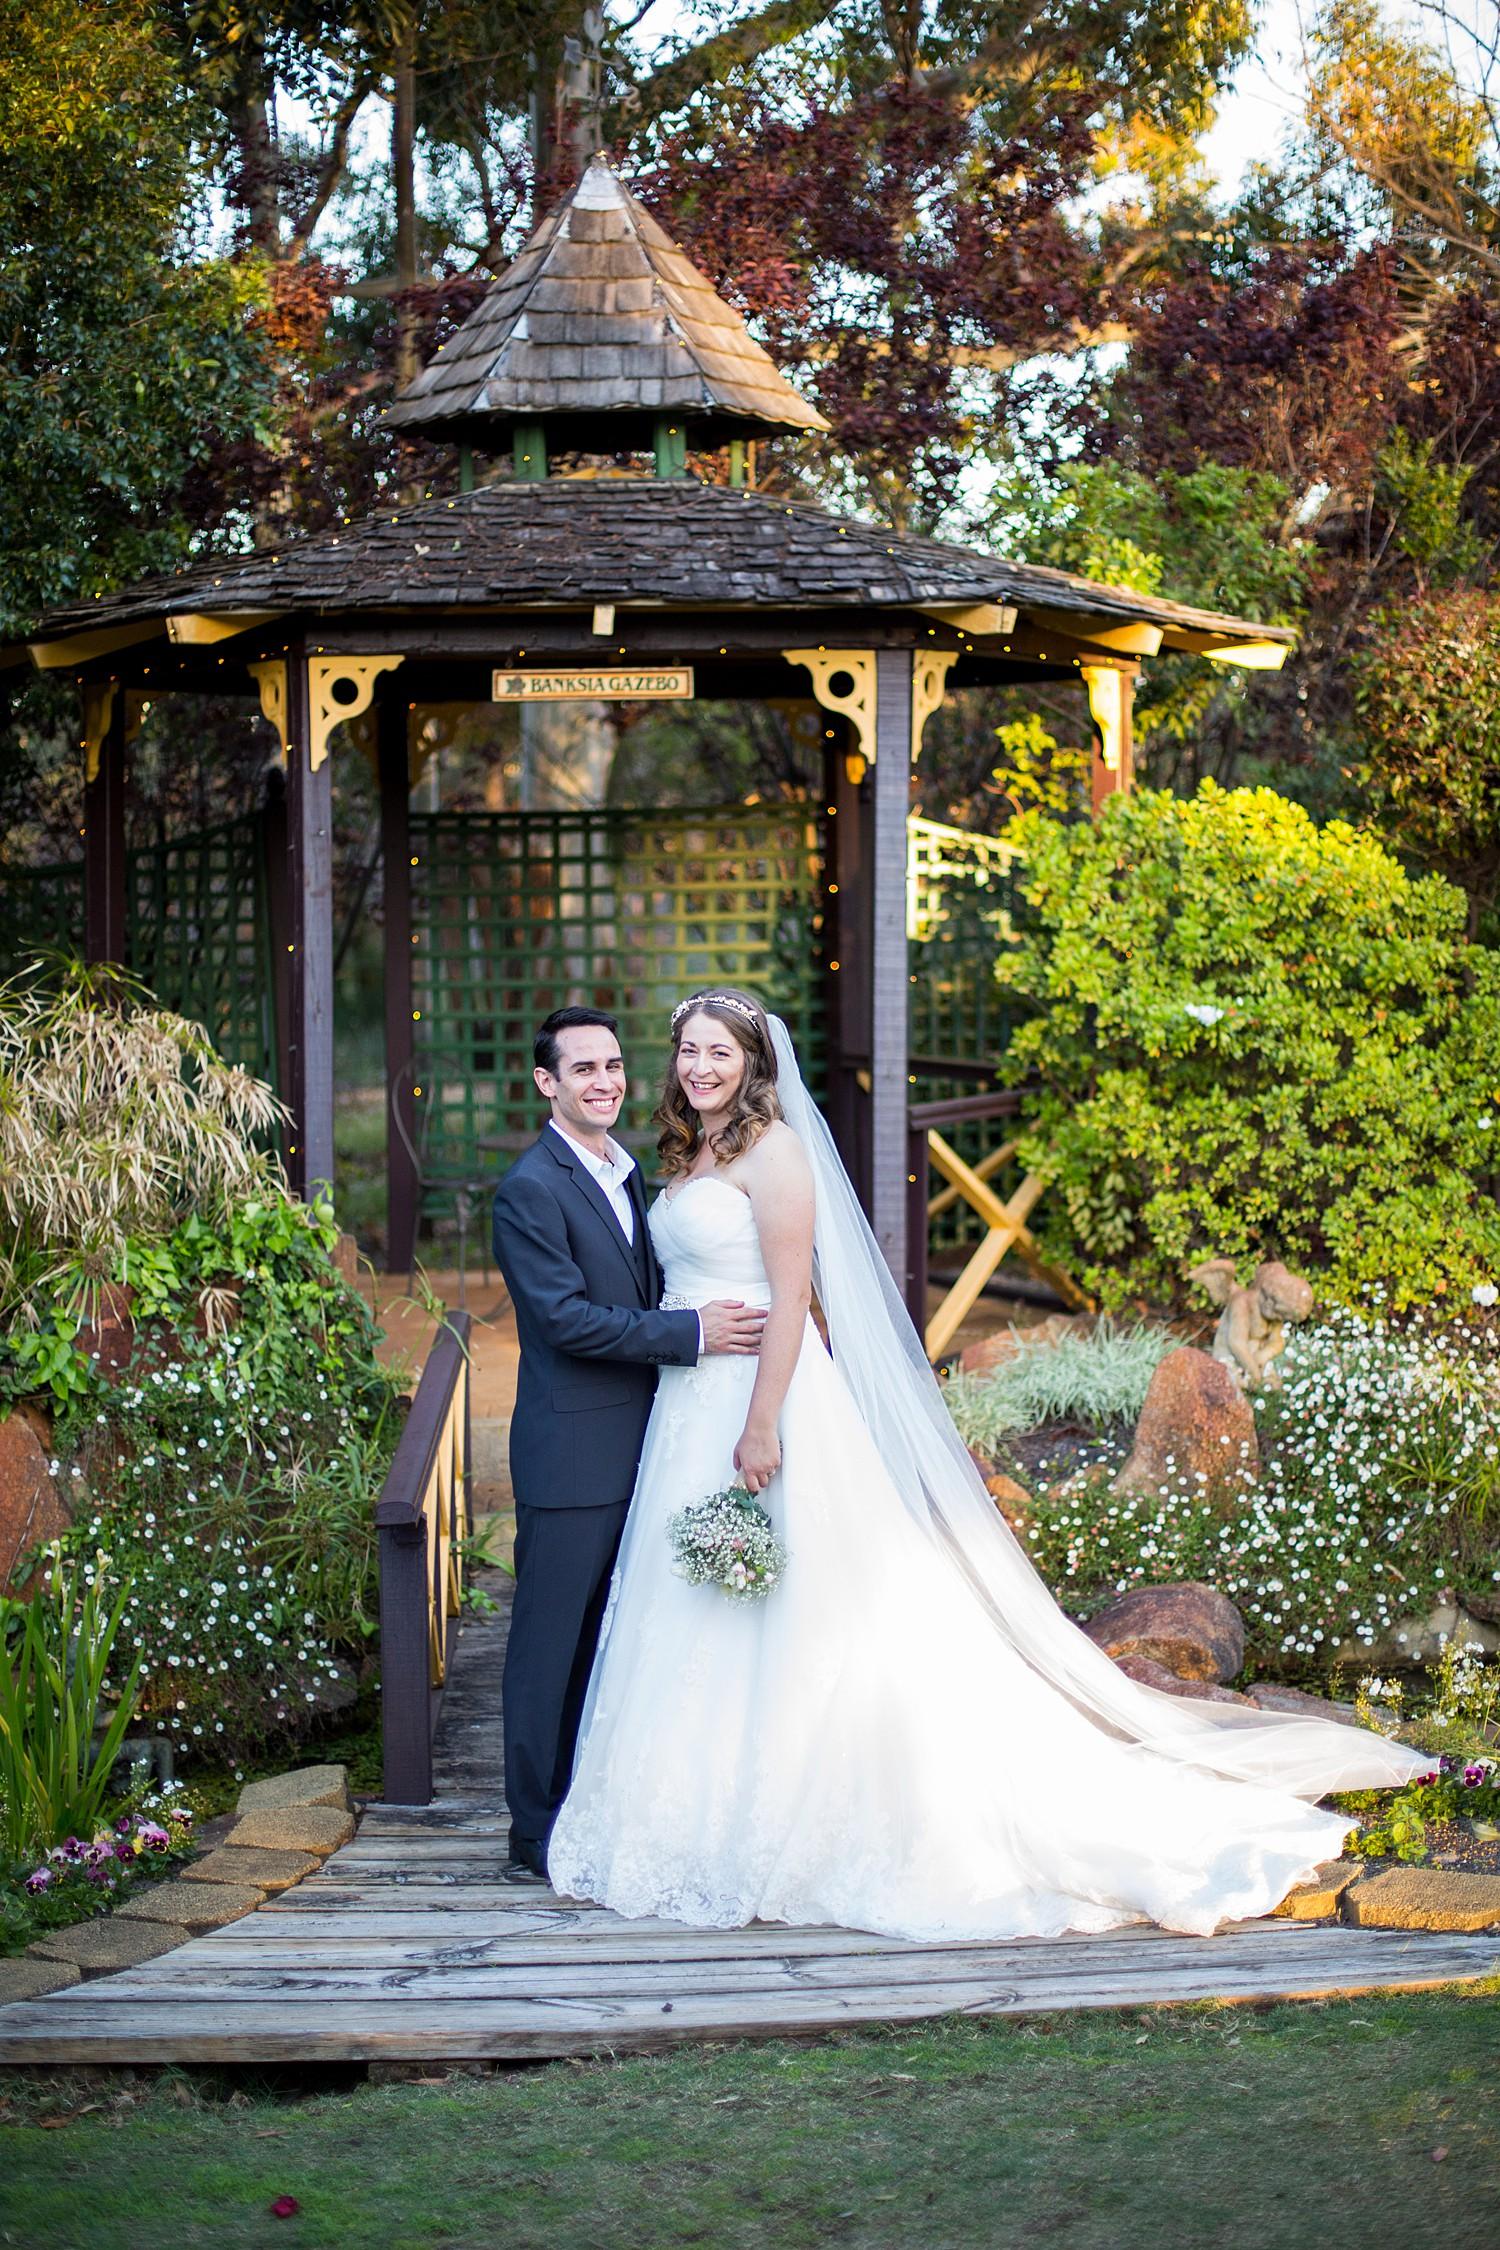 perth_wedding_spring_bridgeleigh_estate_0072.jpg